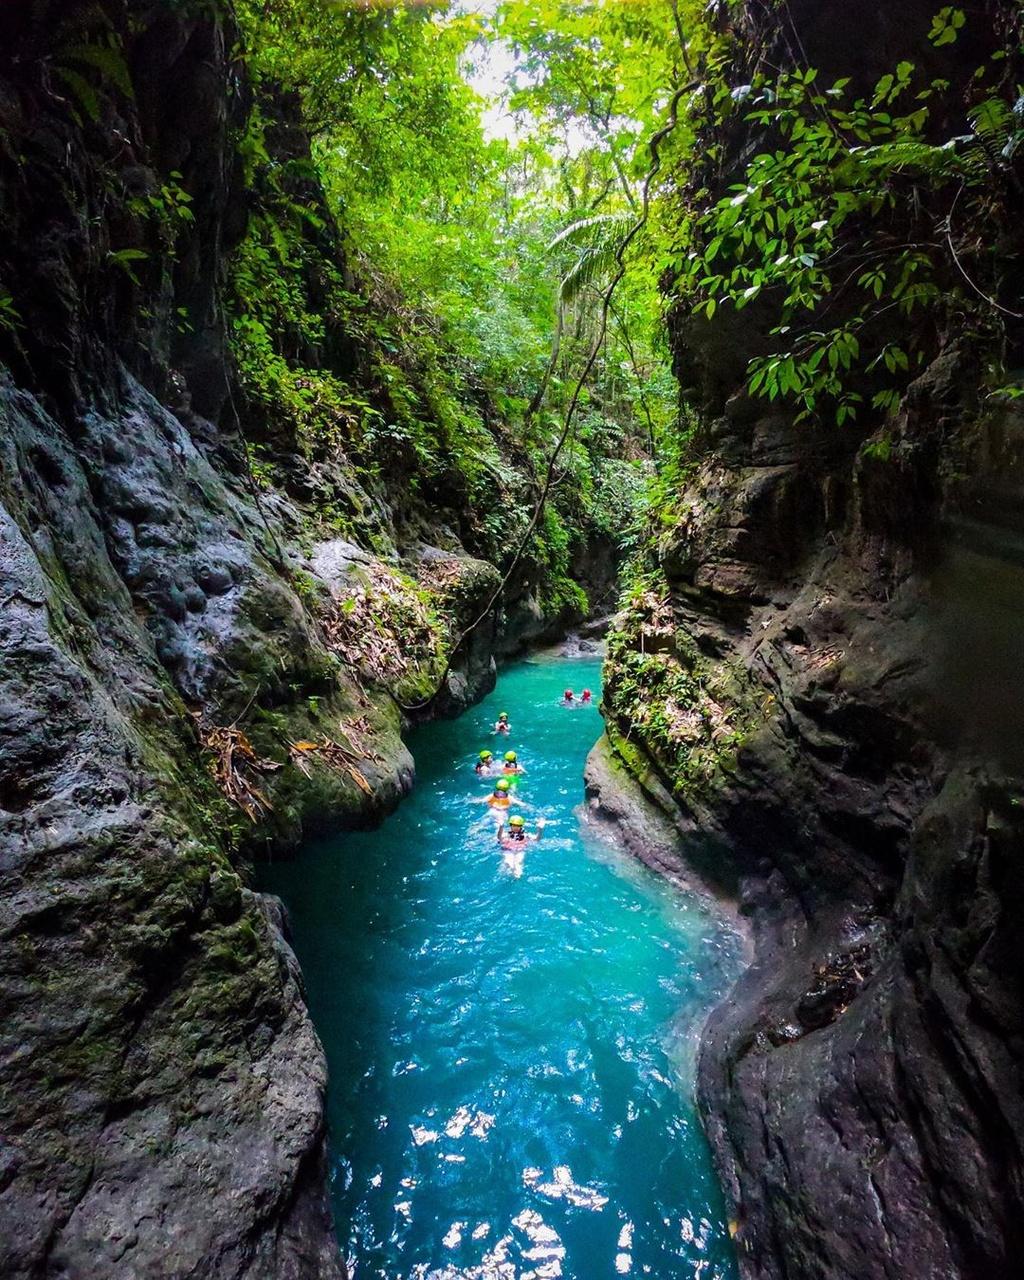 Thac Kawasan tai Philippines anh 4